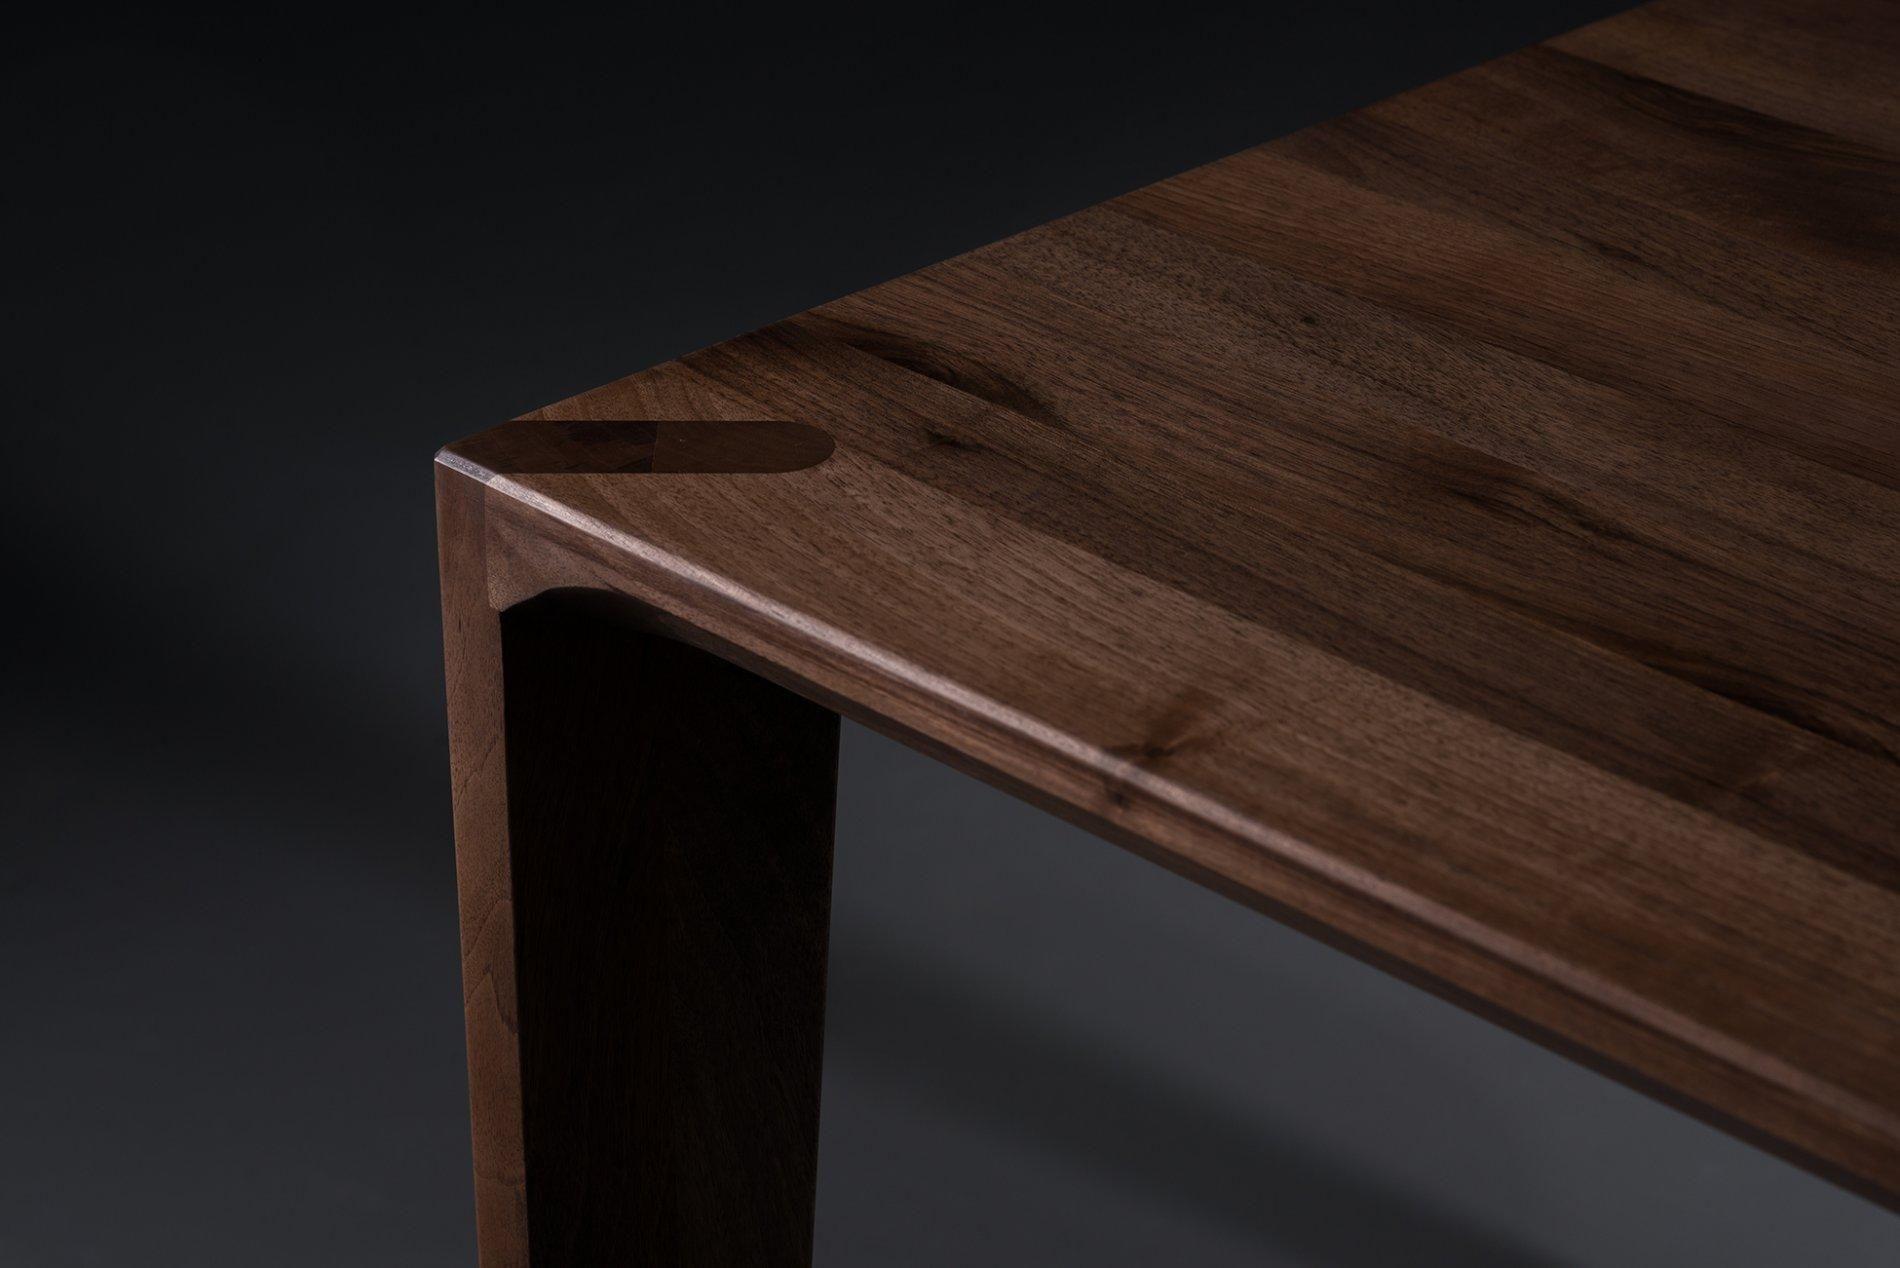 Artisan Tisch Hanny Tisch Coole Mobel Ausgefallene Mobel